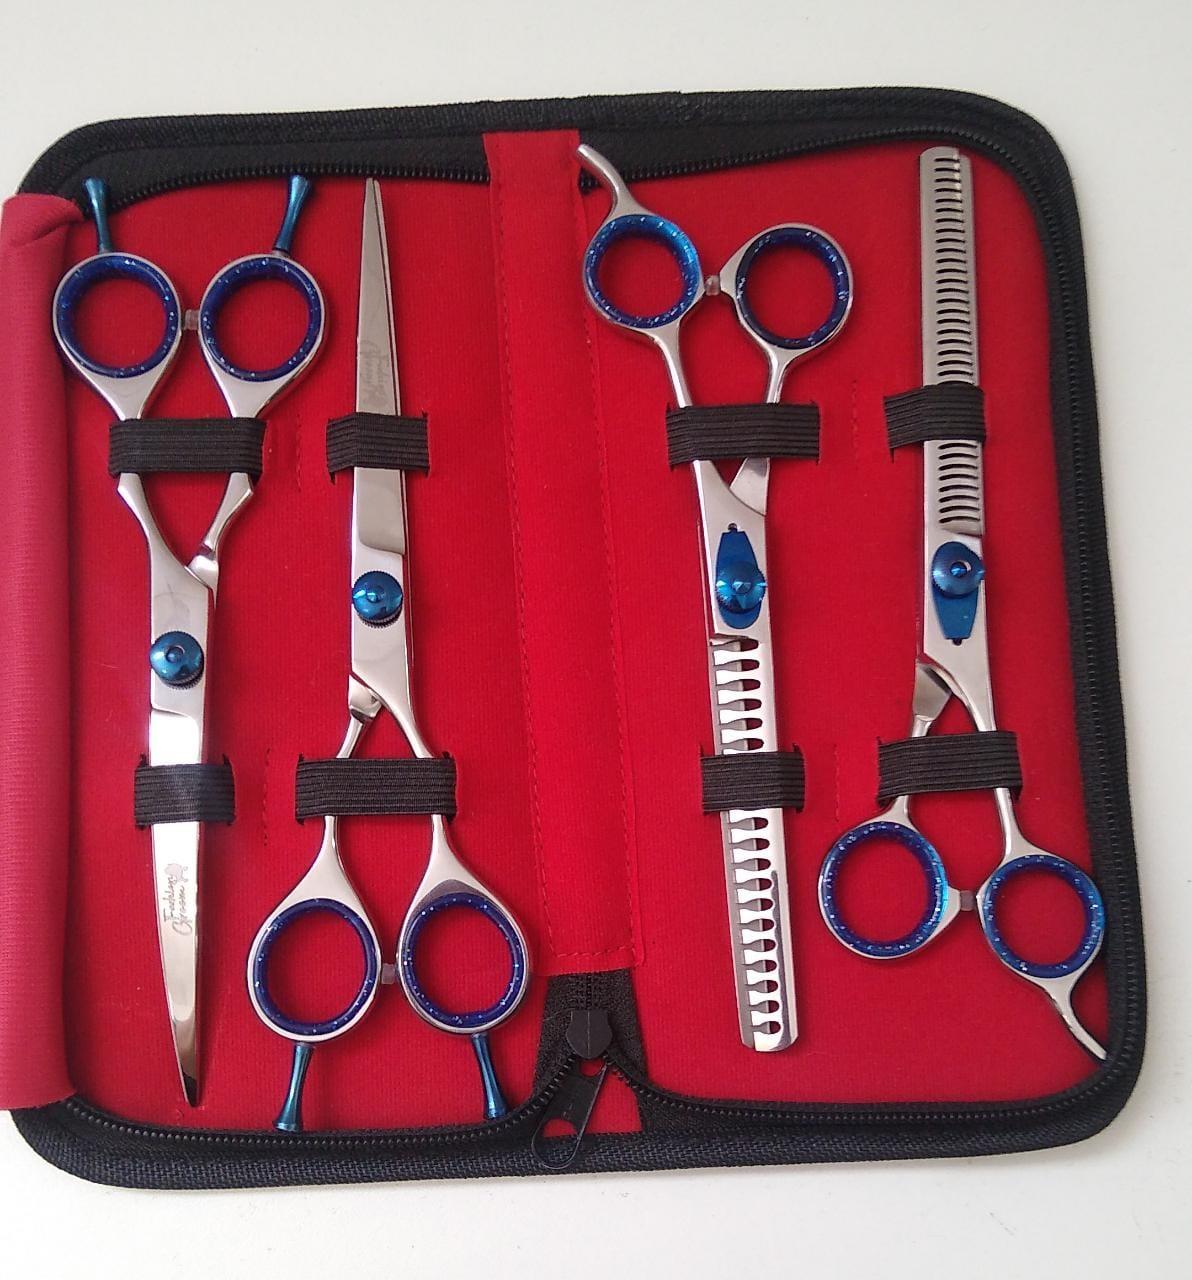 Kit 4 Tesouras Fashion groom 7.0''